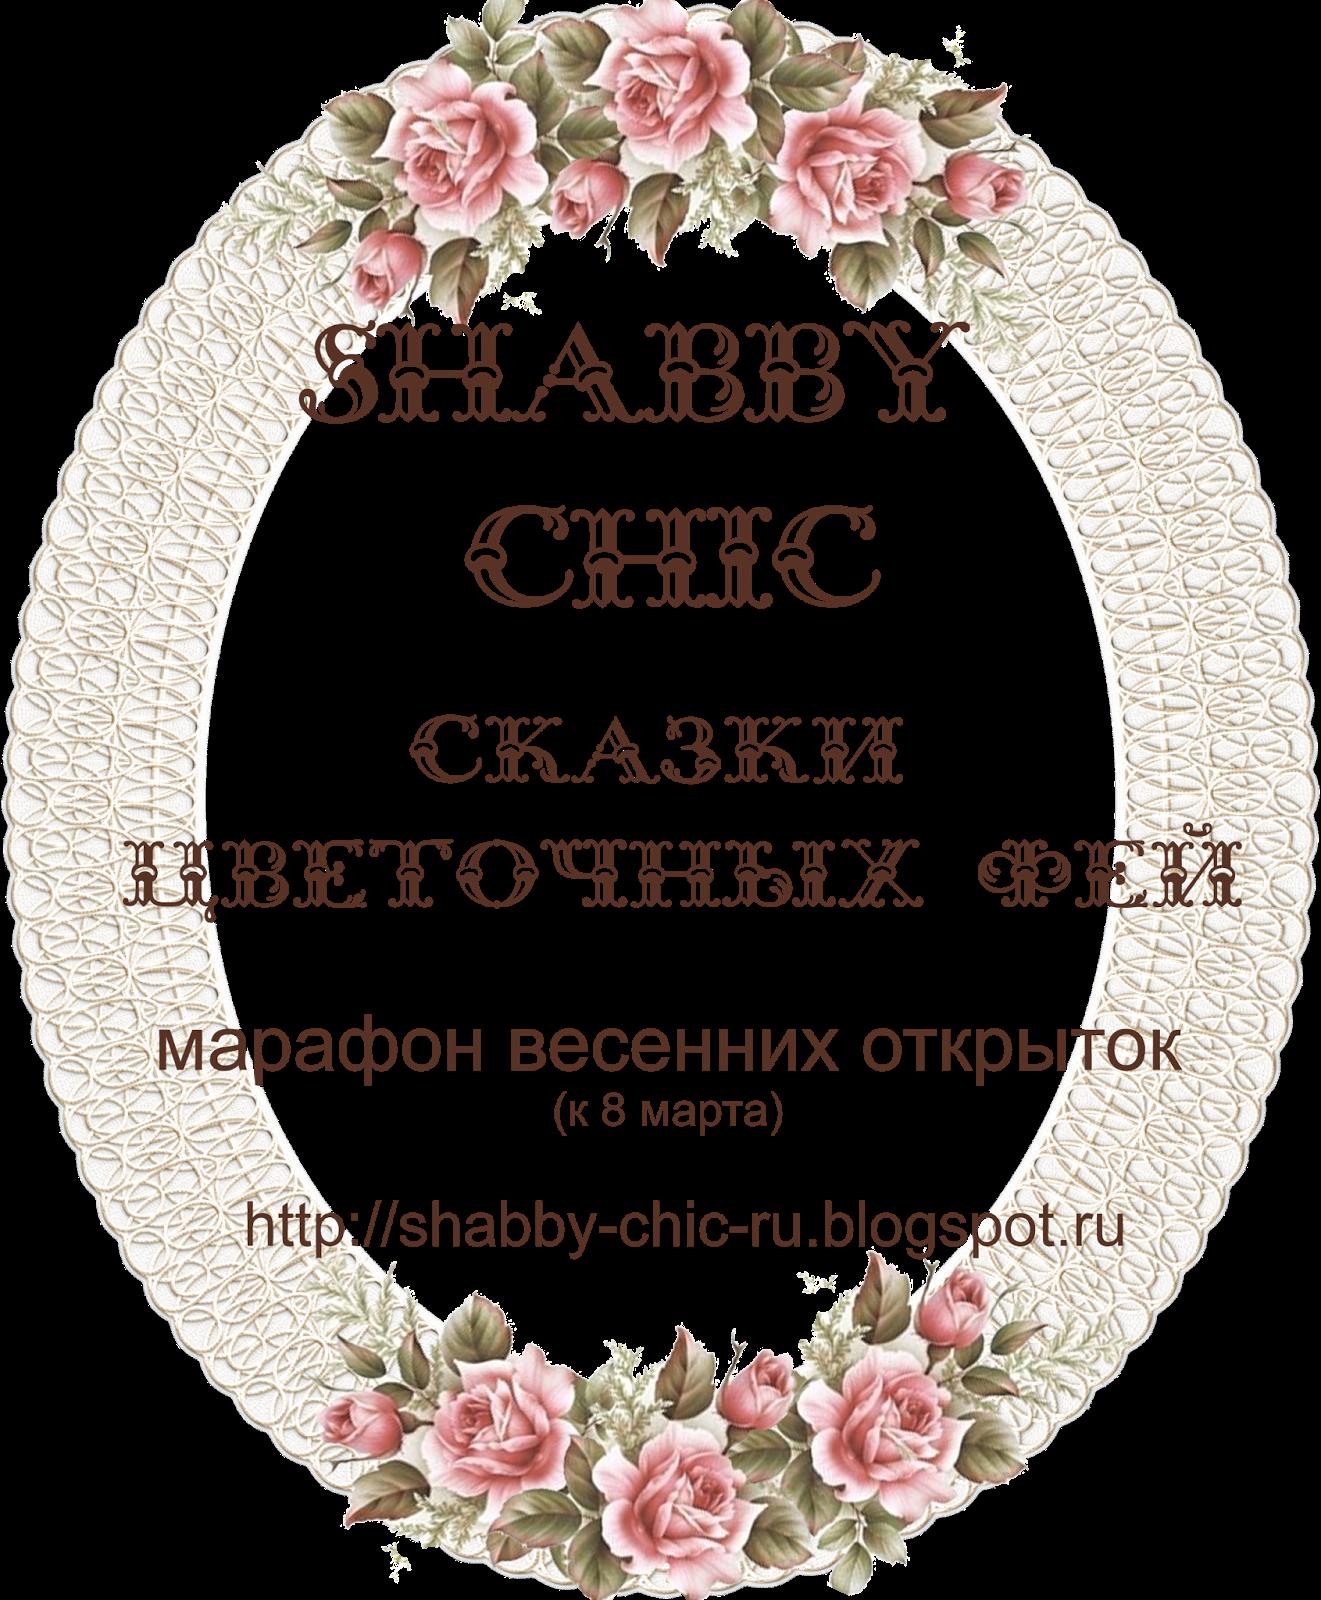 Шебби открытка к 8 марта для СП Сказки цветочных фей (1 этап)